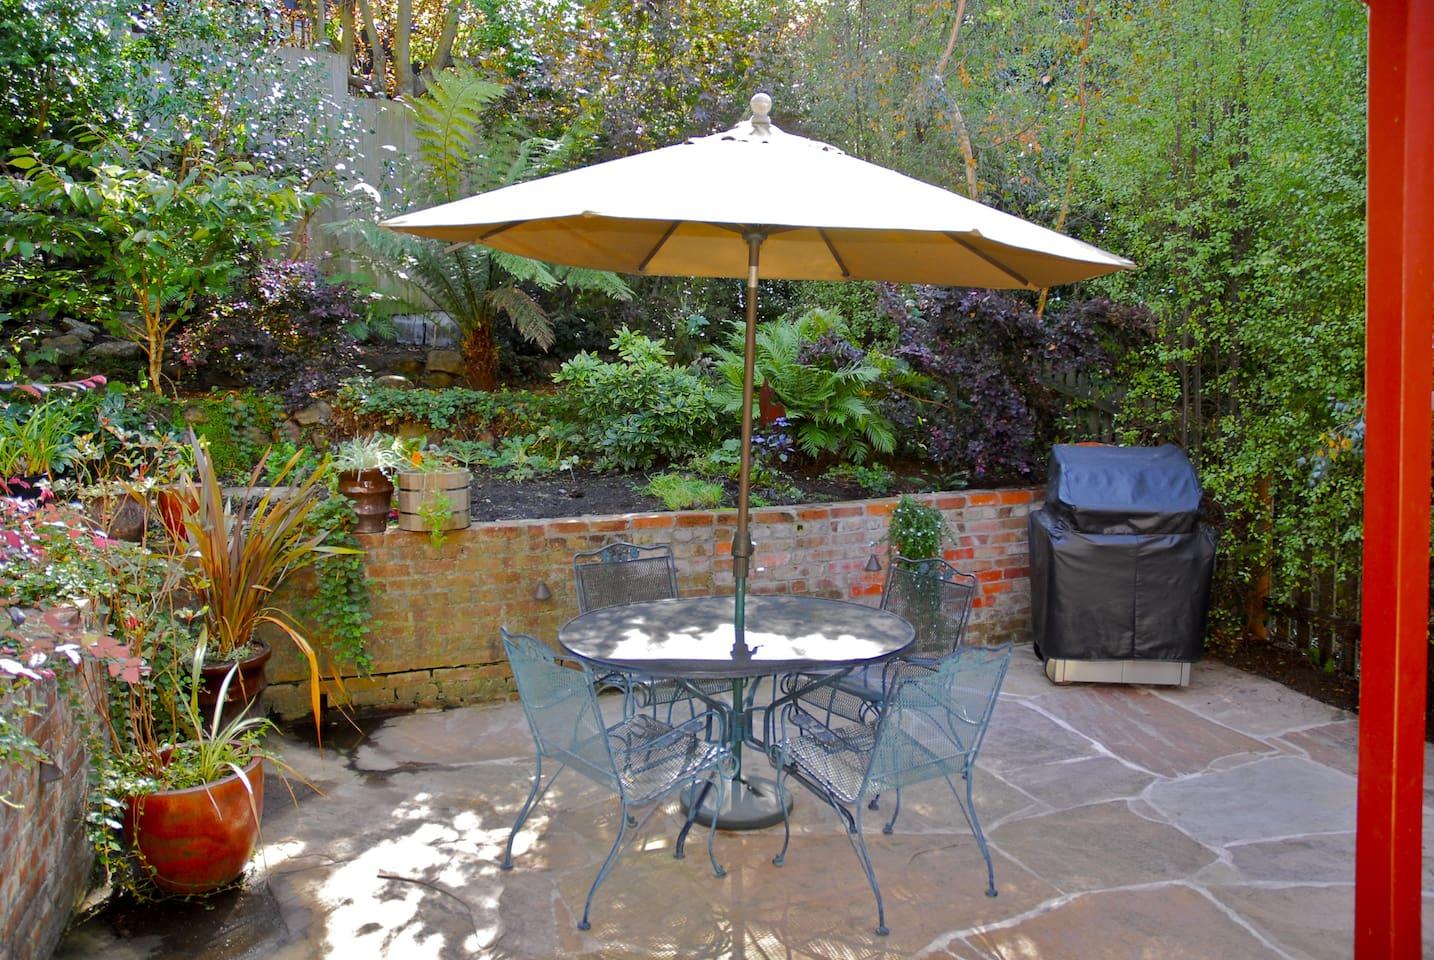 Enchanting Patio Overlooking a lush garden!